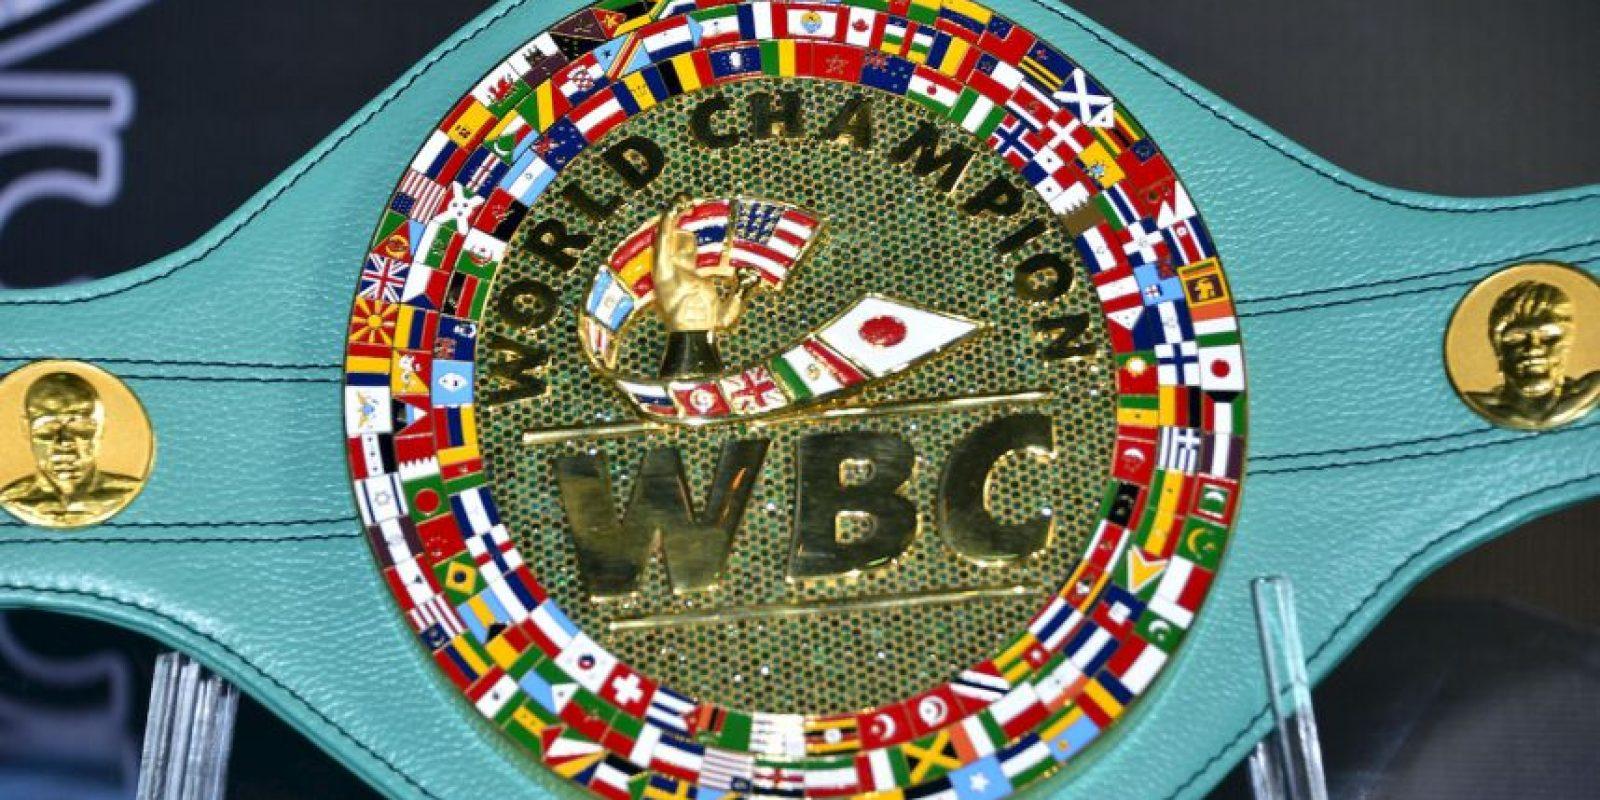 """El cinturón de la WBC fue hecho completamente a mano y para su creación se utilizaron 3 mil esmeraldas y un kilo de oro para las letras y las placas las cuales fueron pulidas una por una. Para el acabado se usó la piel """"Ferrari"""". Foto:World Boxing Council"""